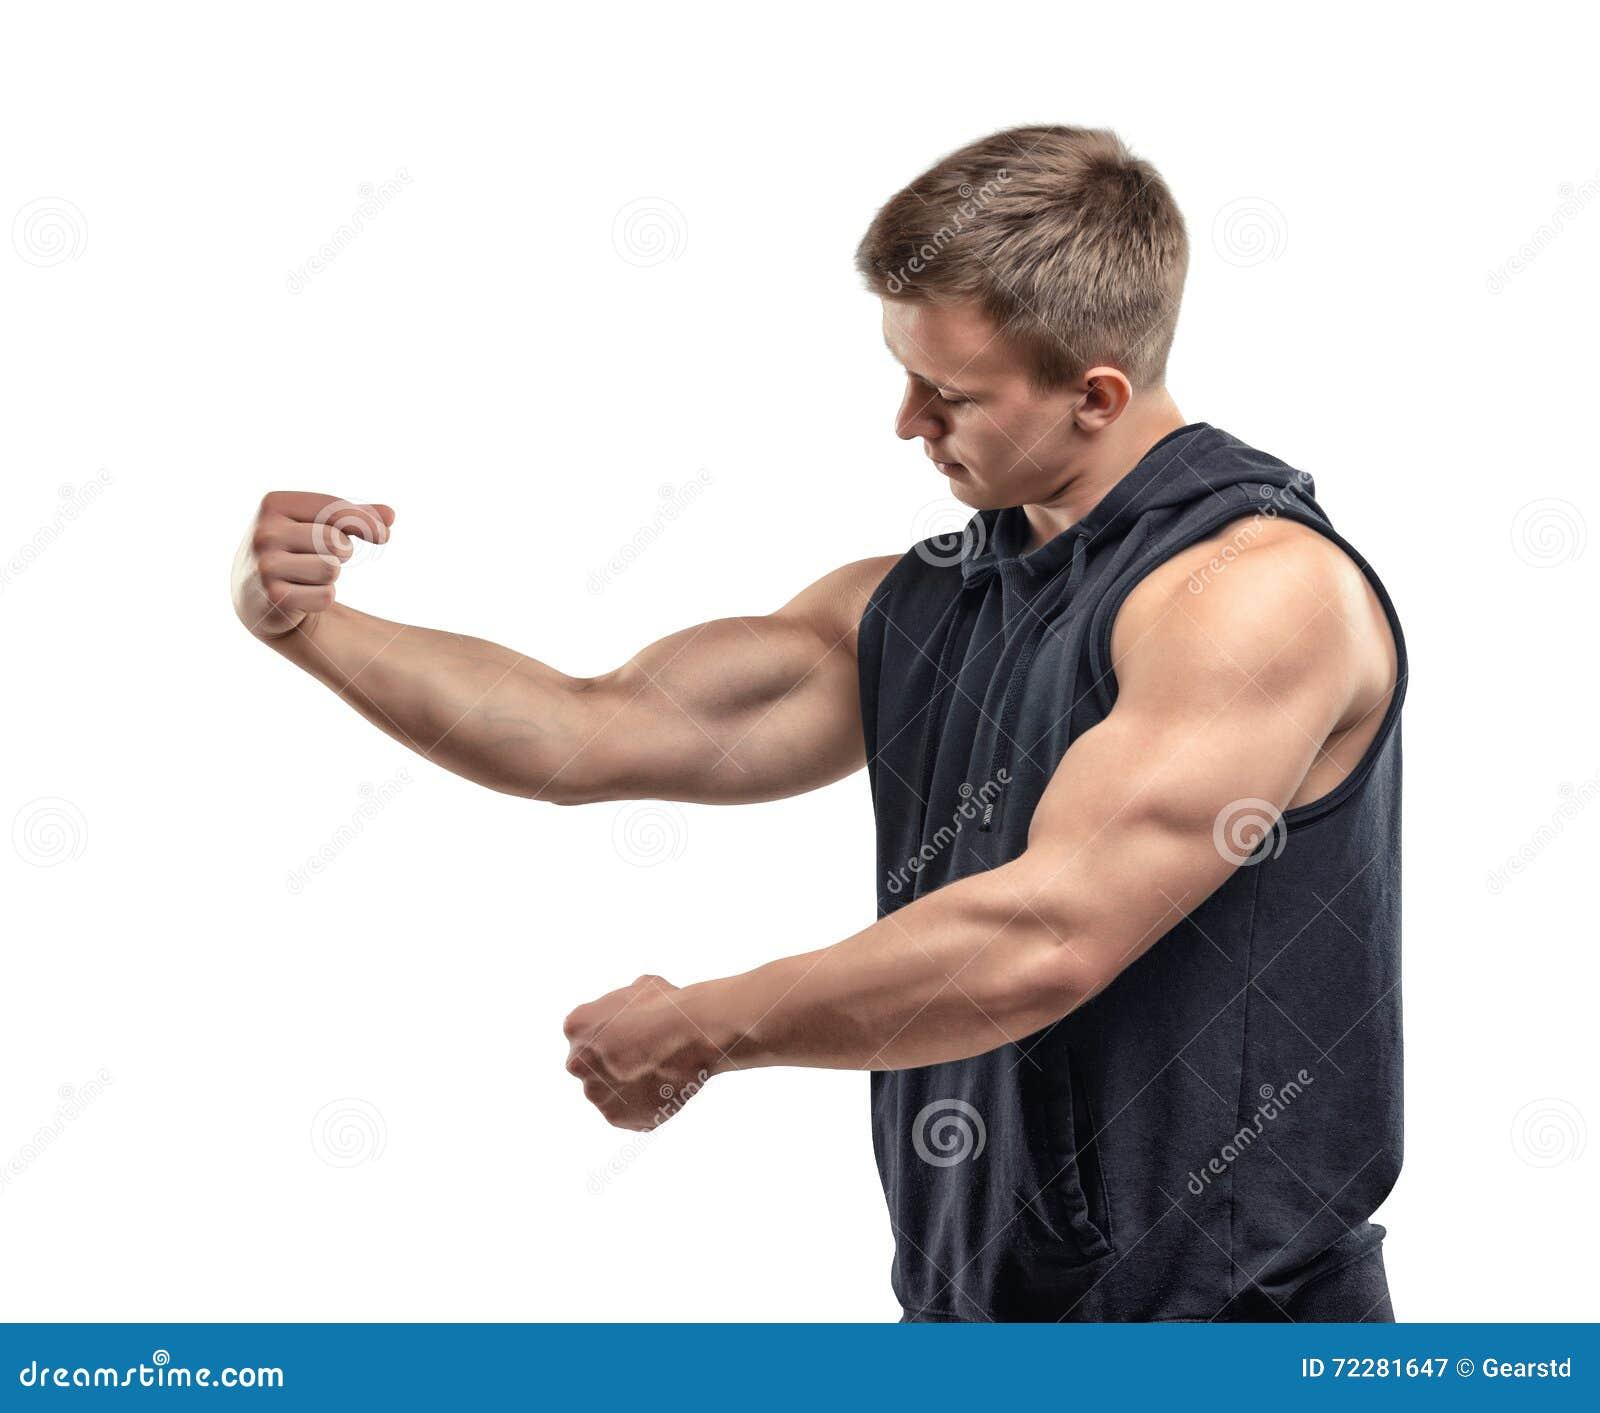 длинной с Полу молодые мышечные представлять и выставок человека подготовьте мышцы, бицепс